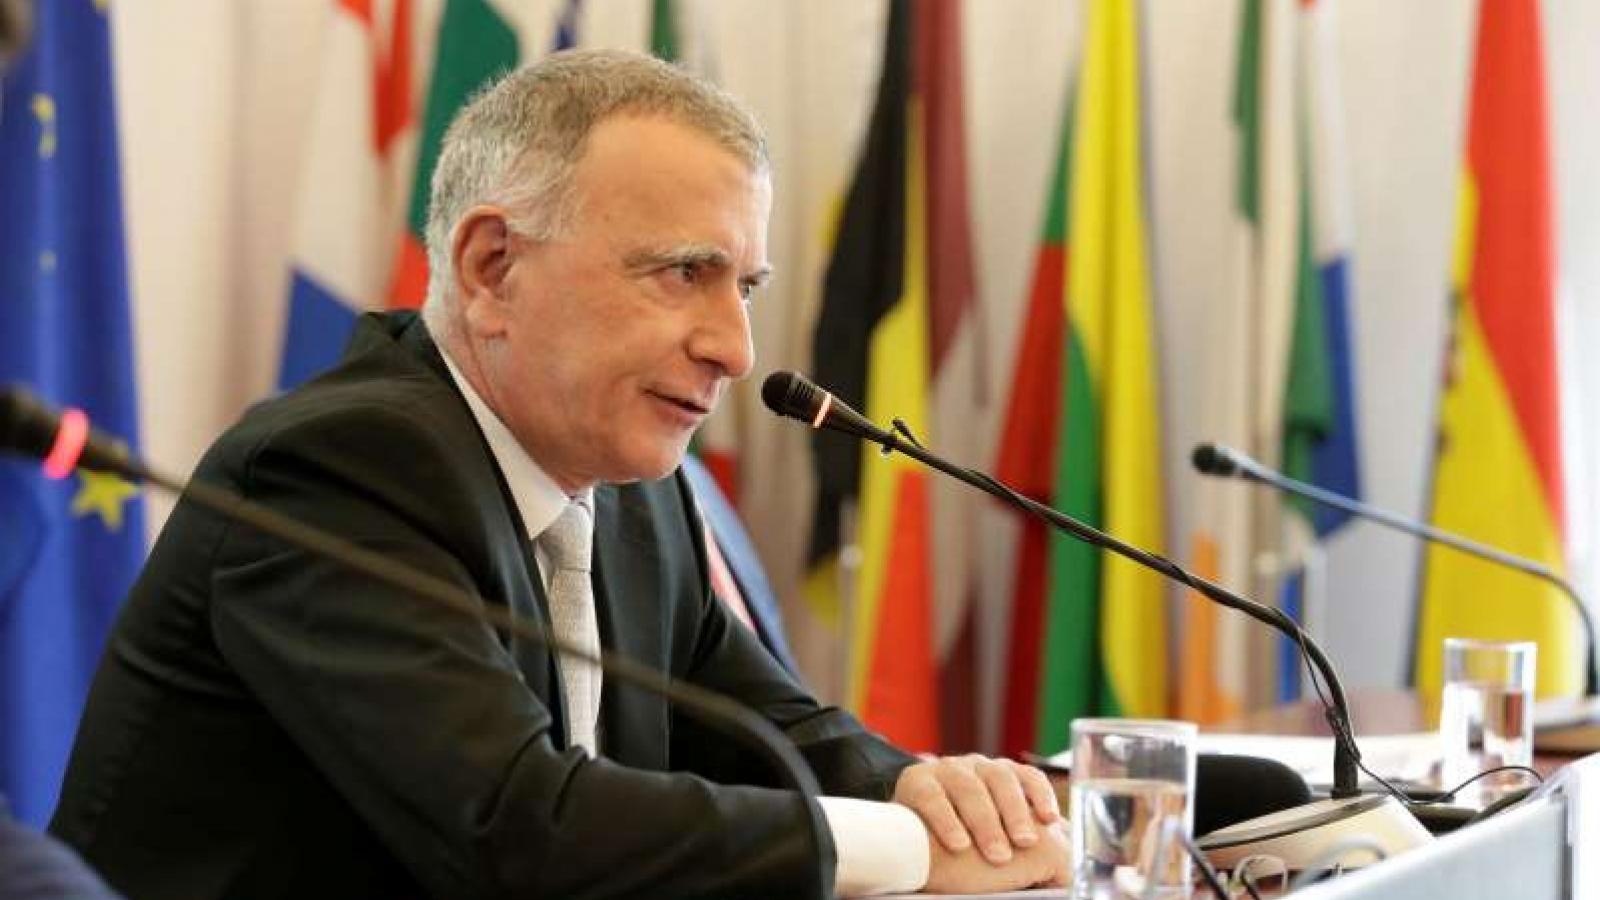 Châu Âu và Mỹ nói không với ngoại giao chiến lang, khẳng định Biển Đông là vấn đề quốc tế